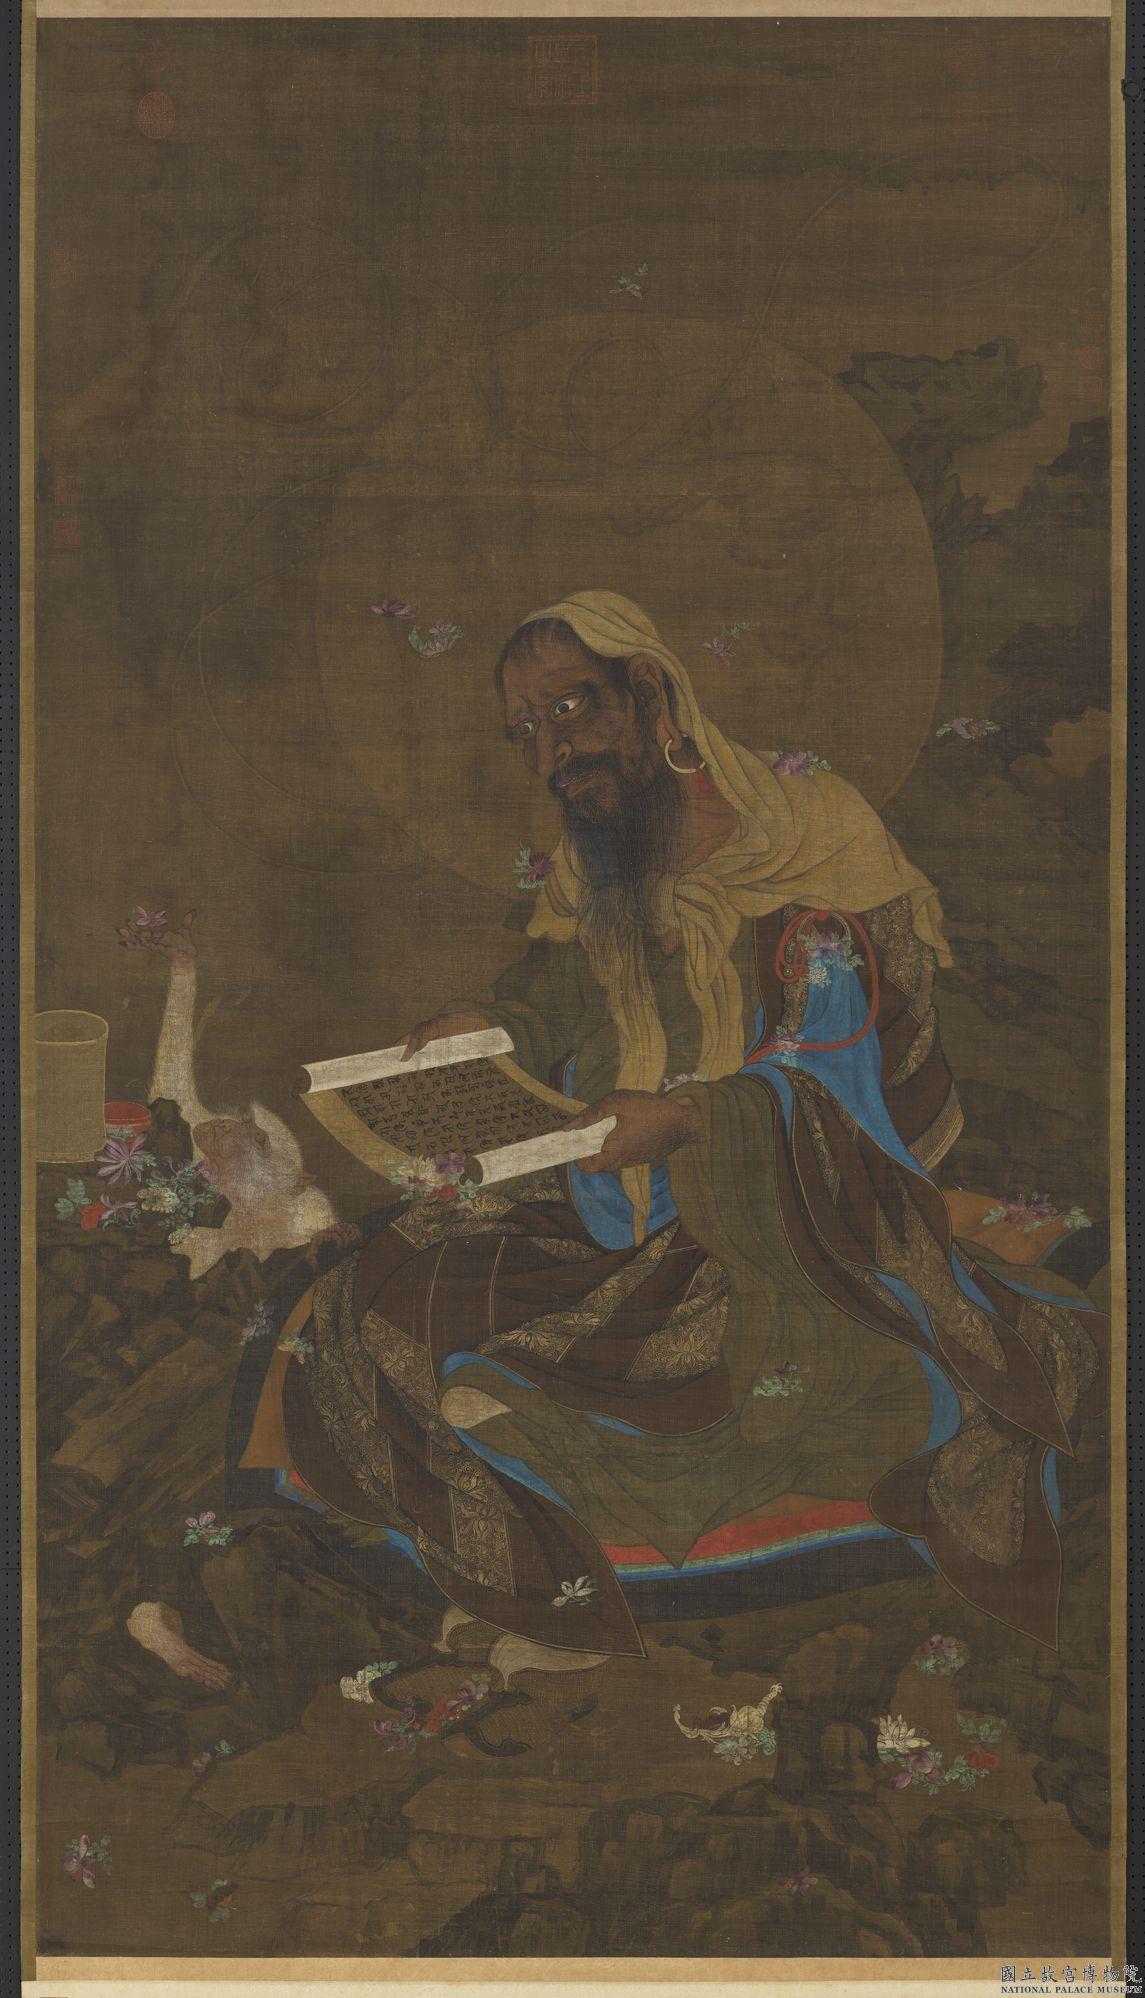 趙昀曾於夢中看到二個胡僧,聽到他們說:「二十年後,這座殿應還給小僧。」圖為元人 《宣梵雨花圖》。(公有領域)